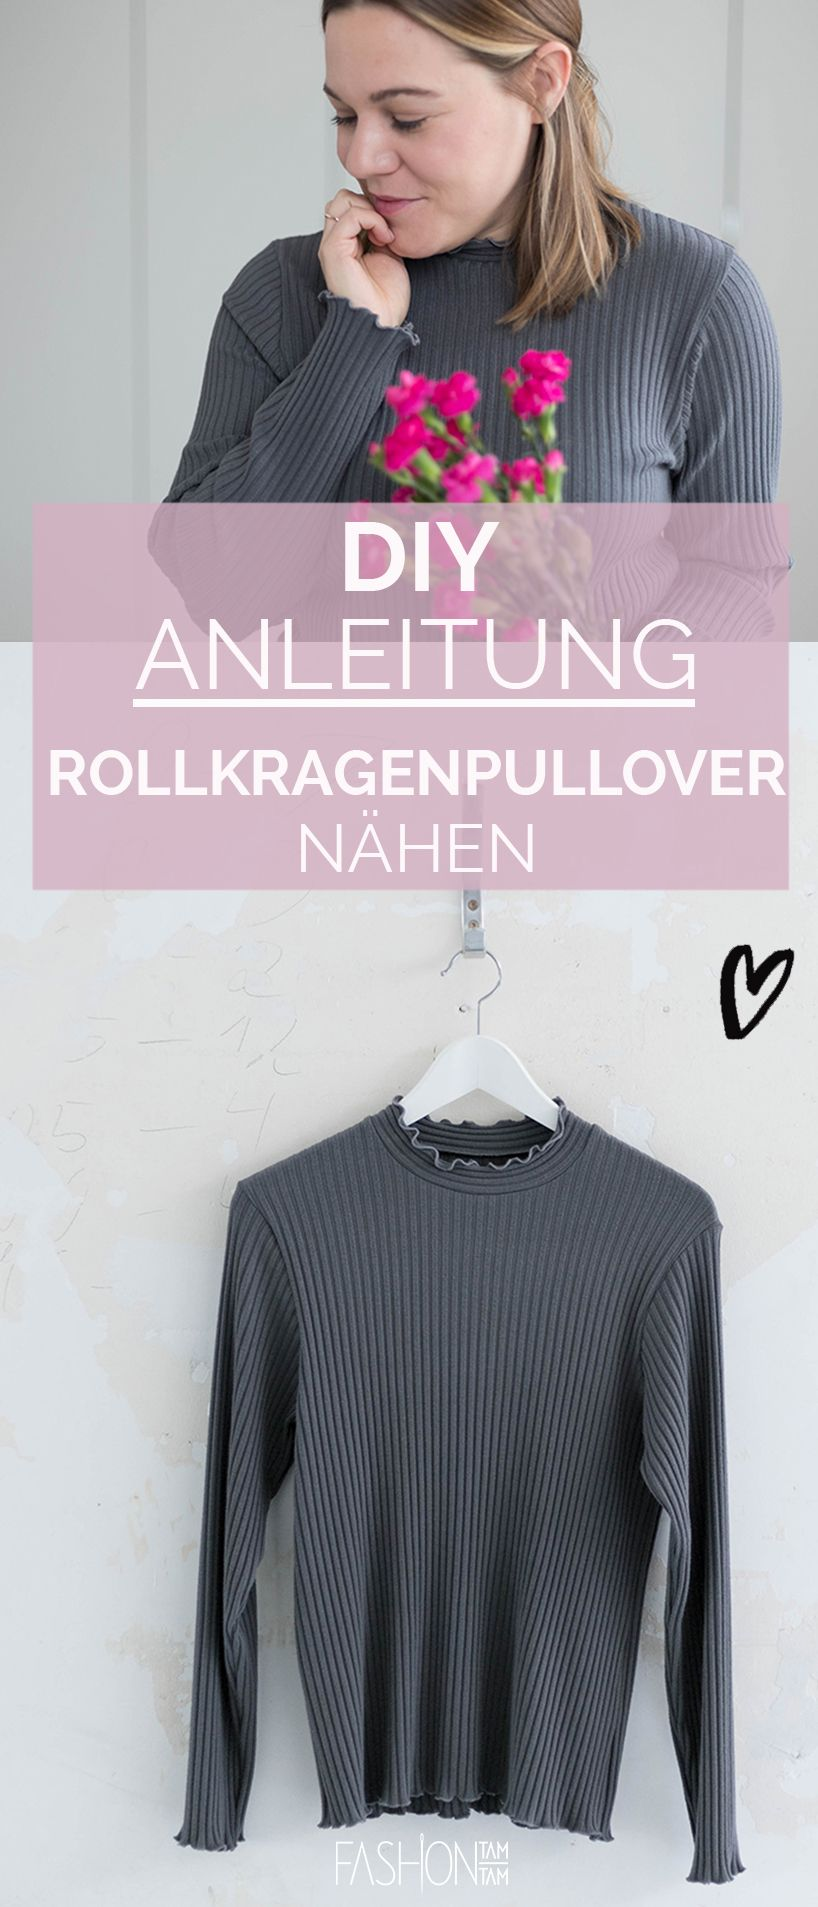 DIY: Rollkragenpullover nähen | Rollkragenpullover ...